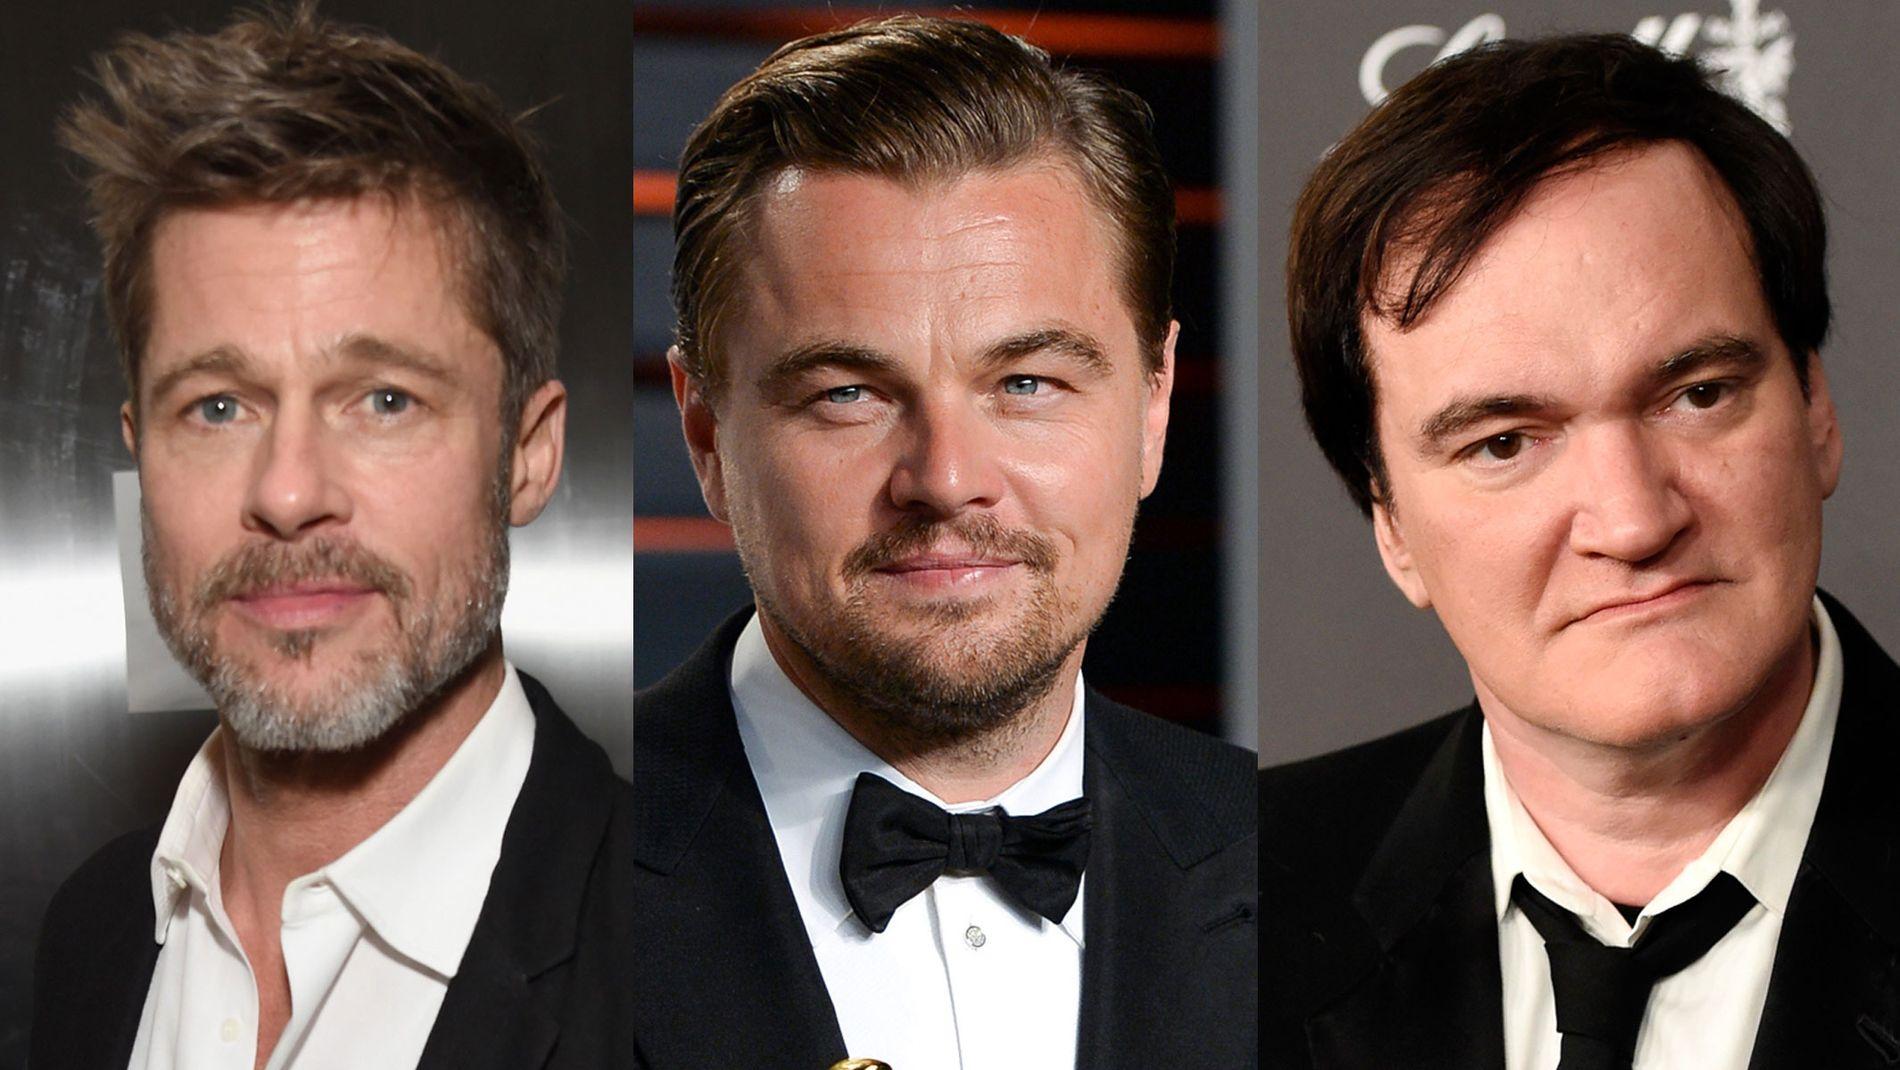 STJERNETRIO: Brad Pitt, Leonardo DiCaprio og Quentin Tarantino.